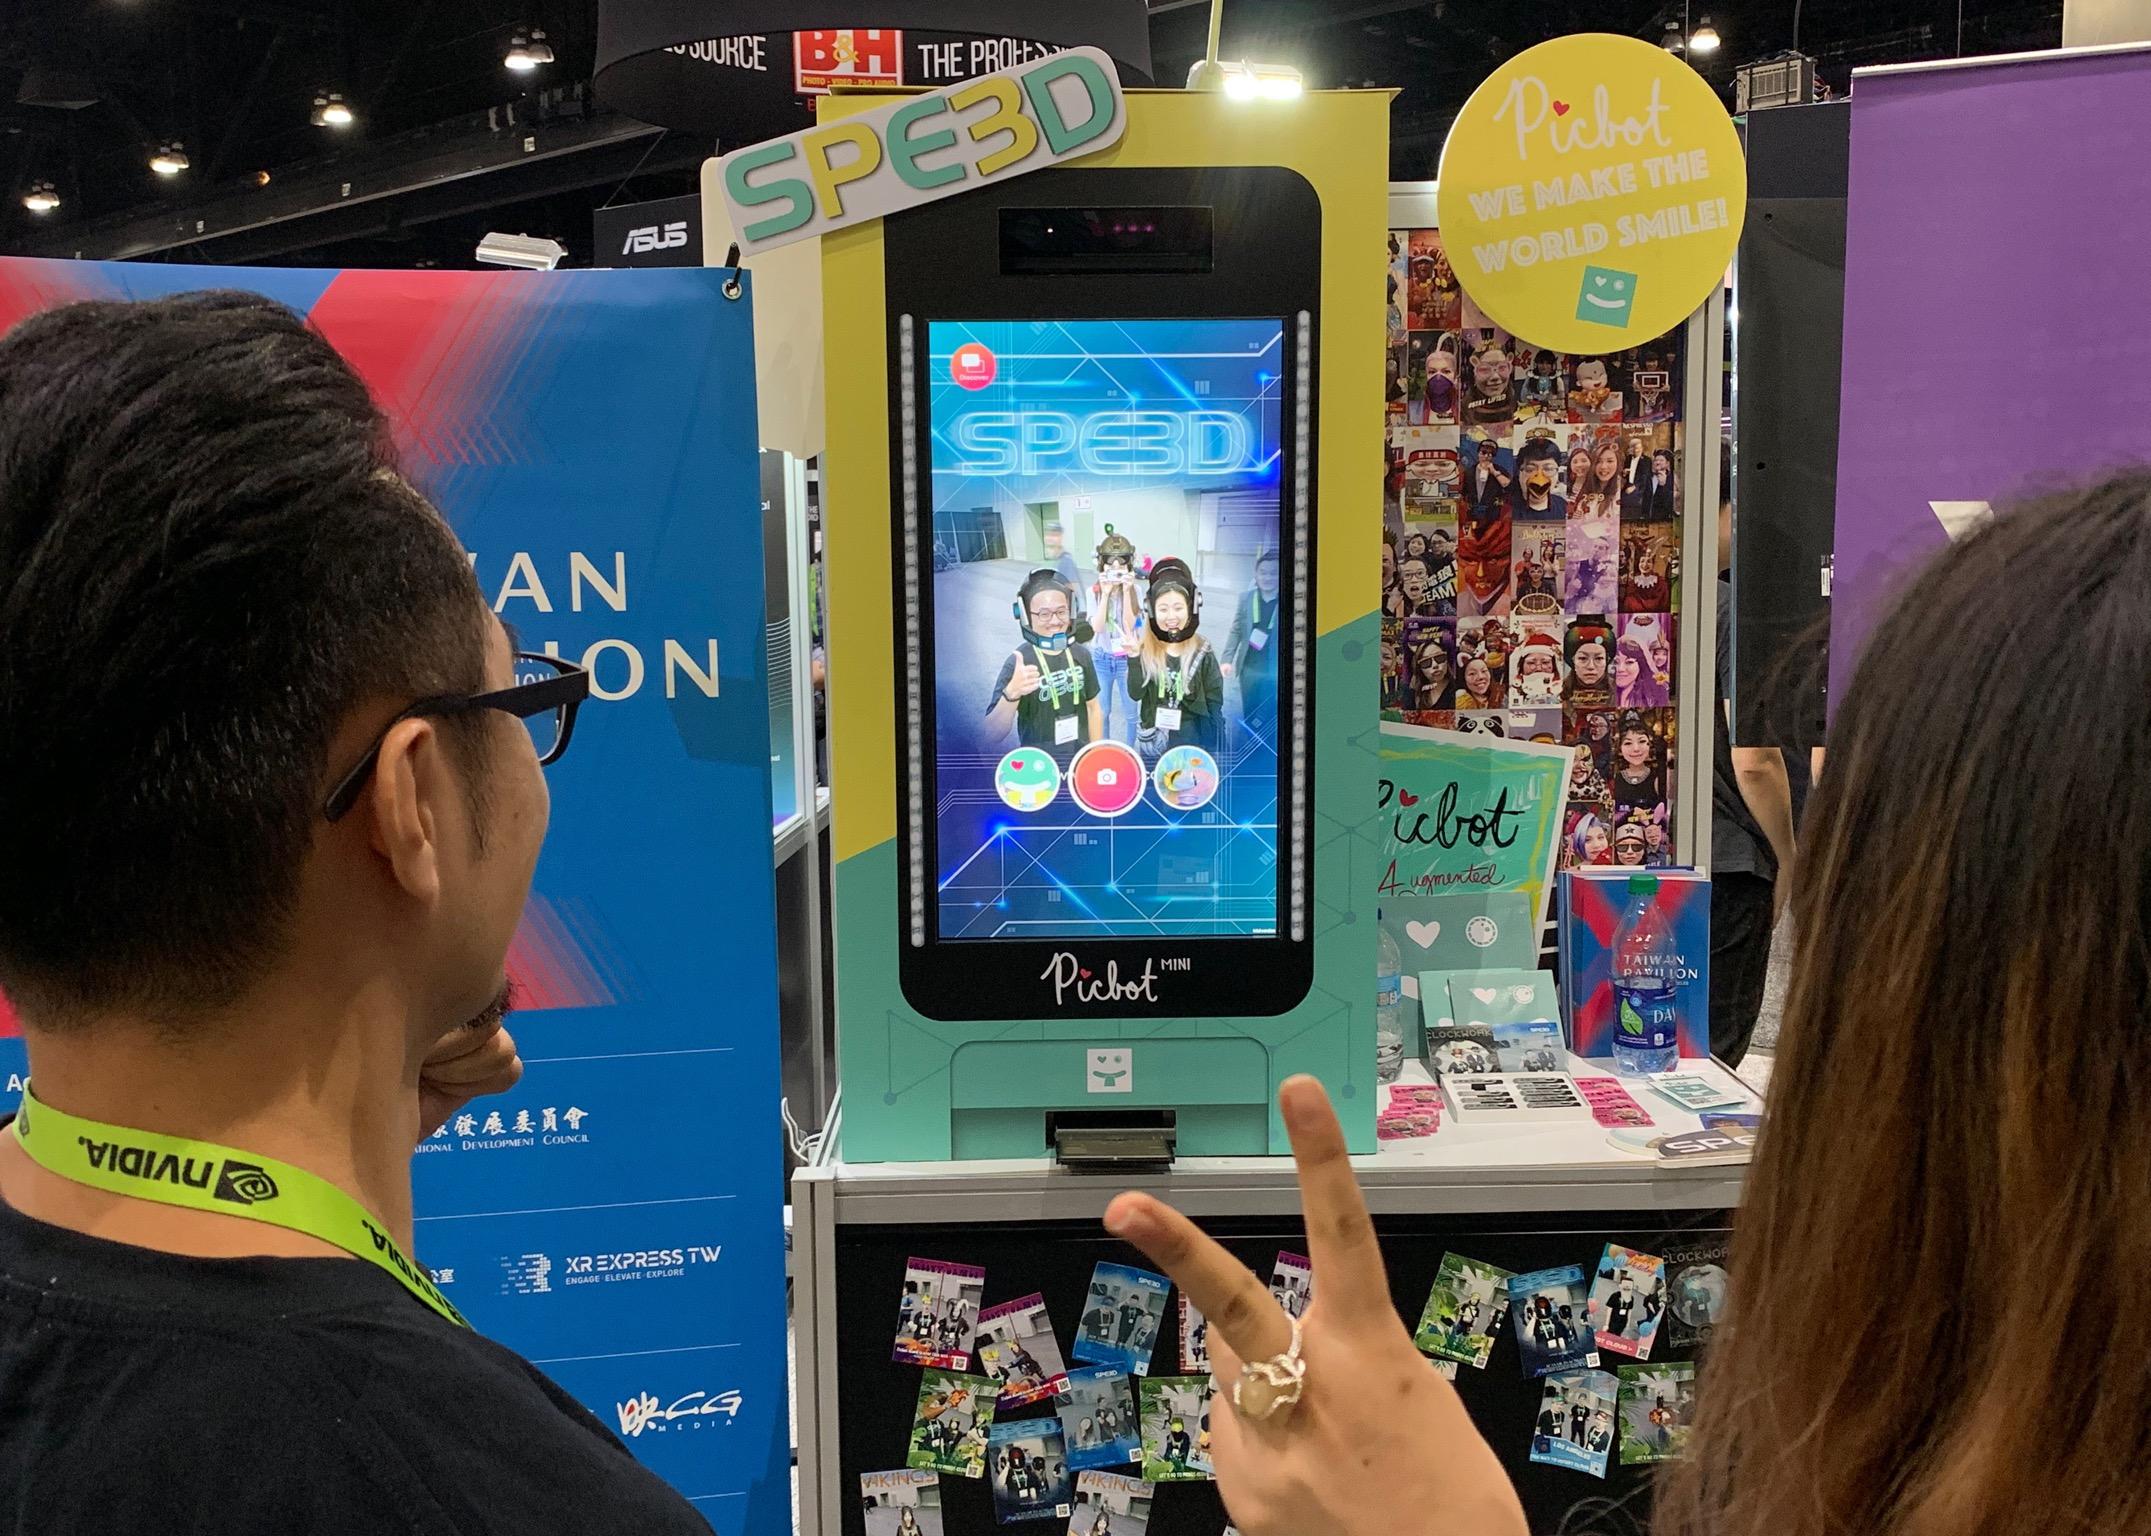 Picbot結合傳統拍貼機以及特製AR特效特效濾鏡,打造互動性超強的廣告宣傳手法。記者黃品瑄攝